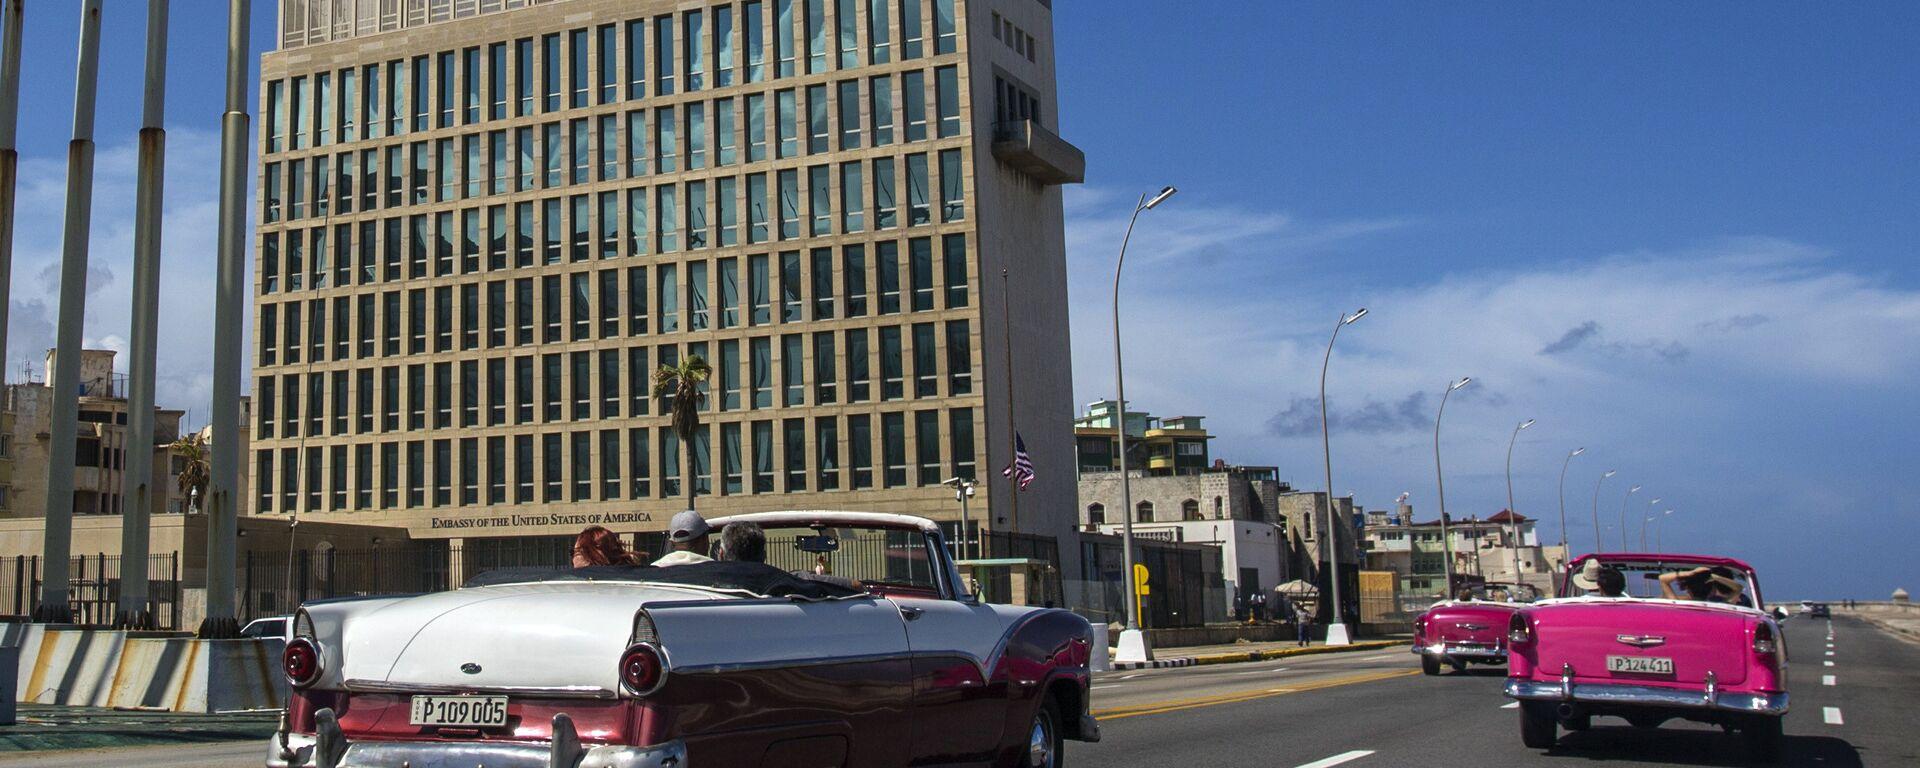 La embajada de Estados Unidos en La Habana, Cuba - Sputnik Mundo, 1920, 01.10.2021